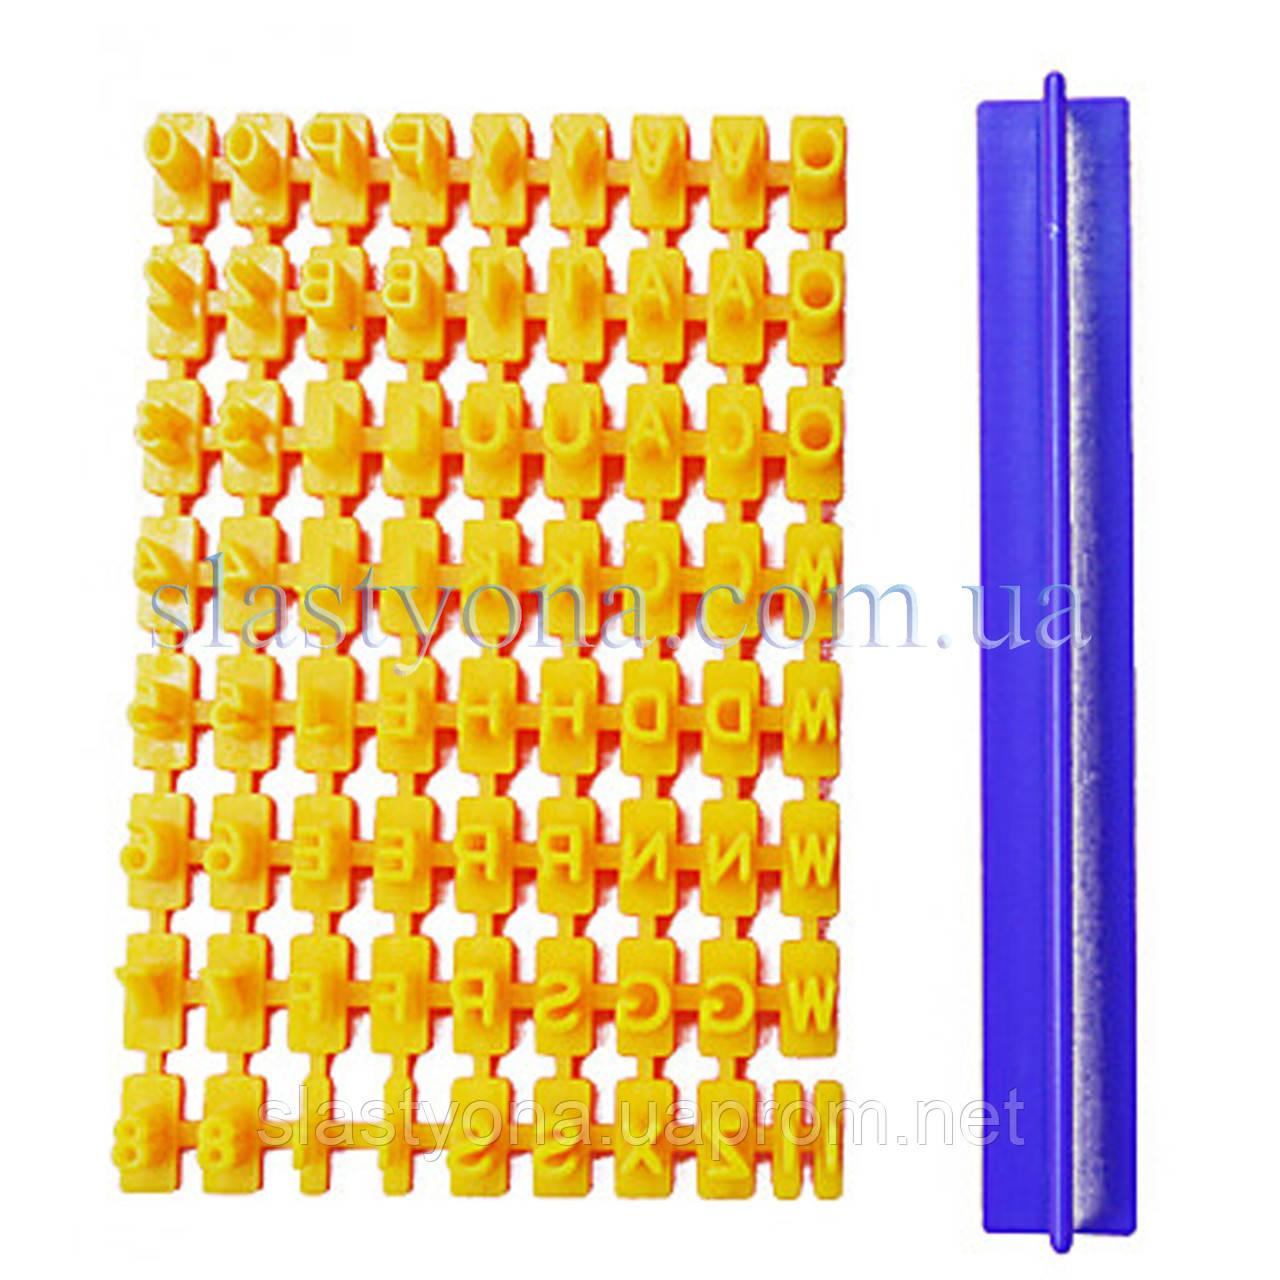 53744ee85 Вырубка - Буквы и цифры, цена 95 грн., купить в Кривом Роге — Prom ...